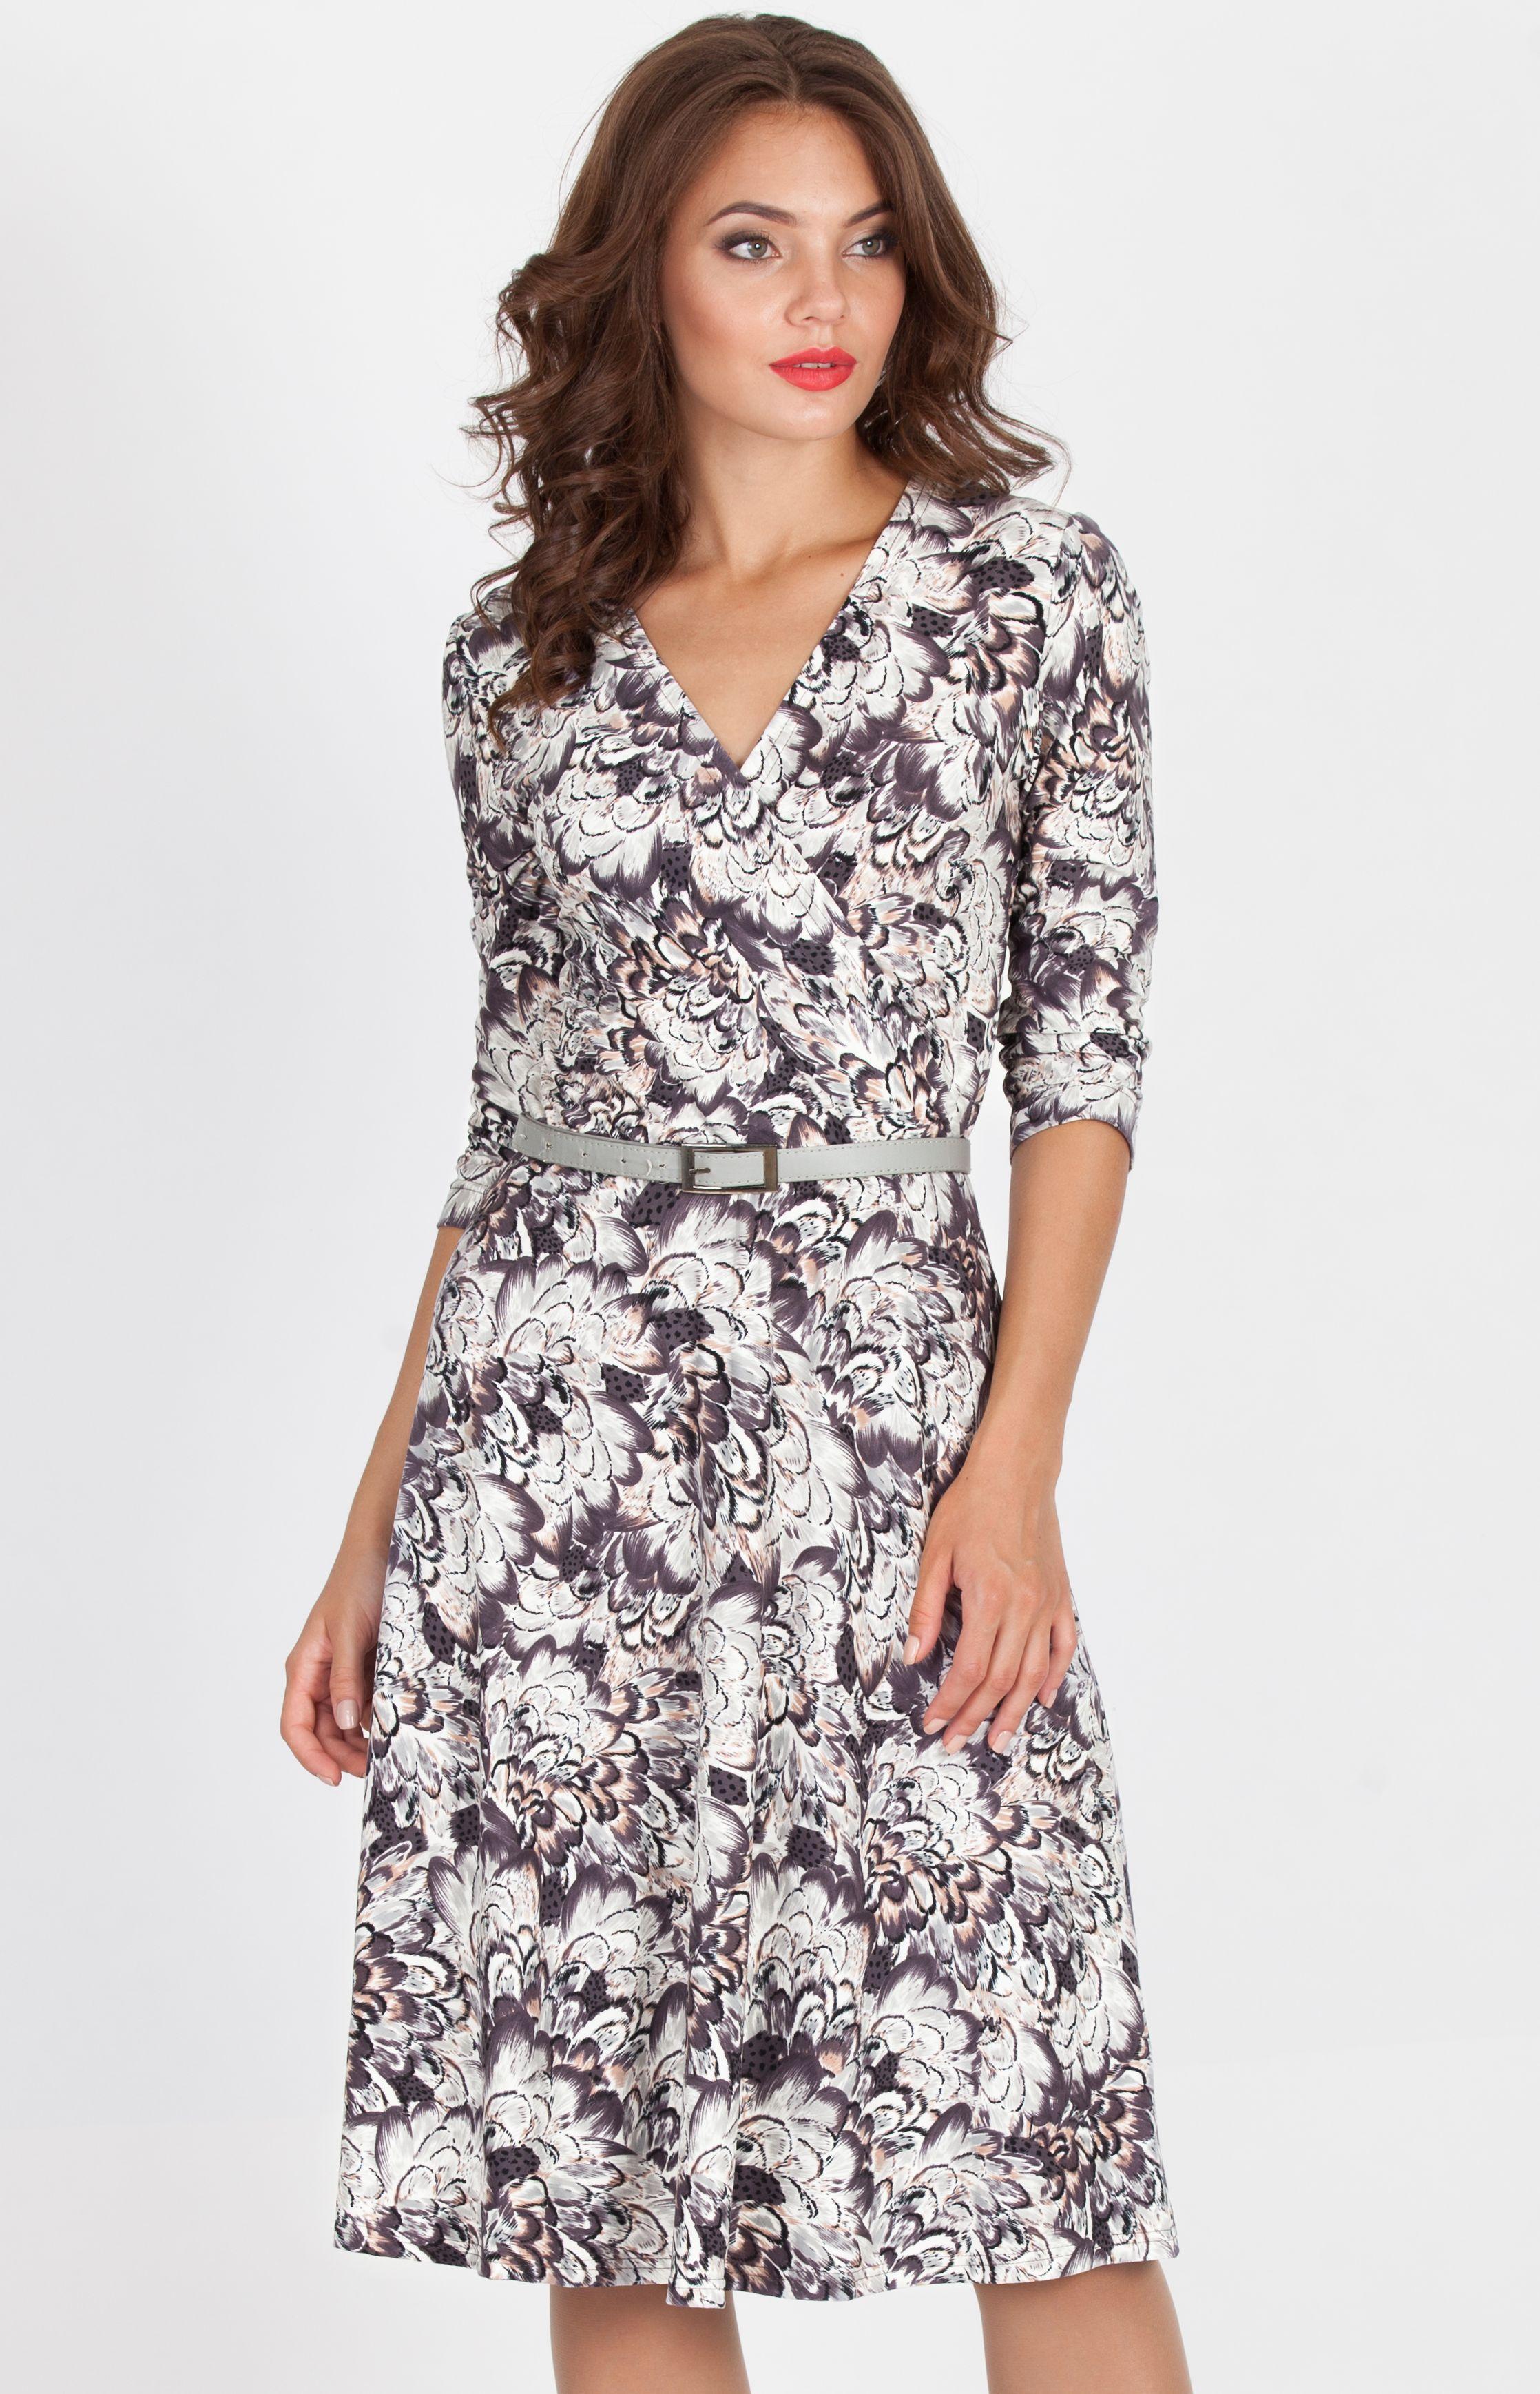 Женская одежда по низкой цене доставка